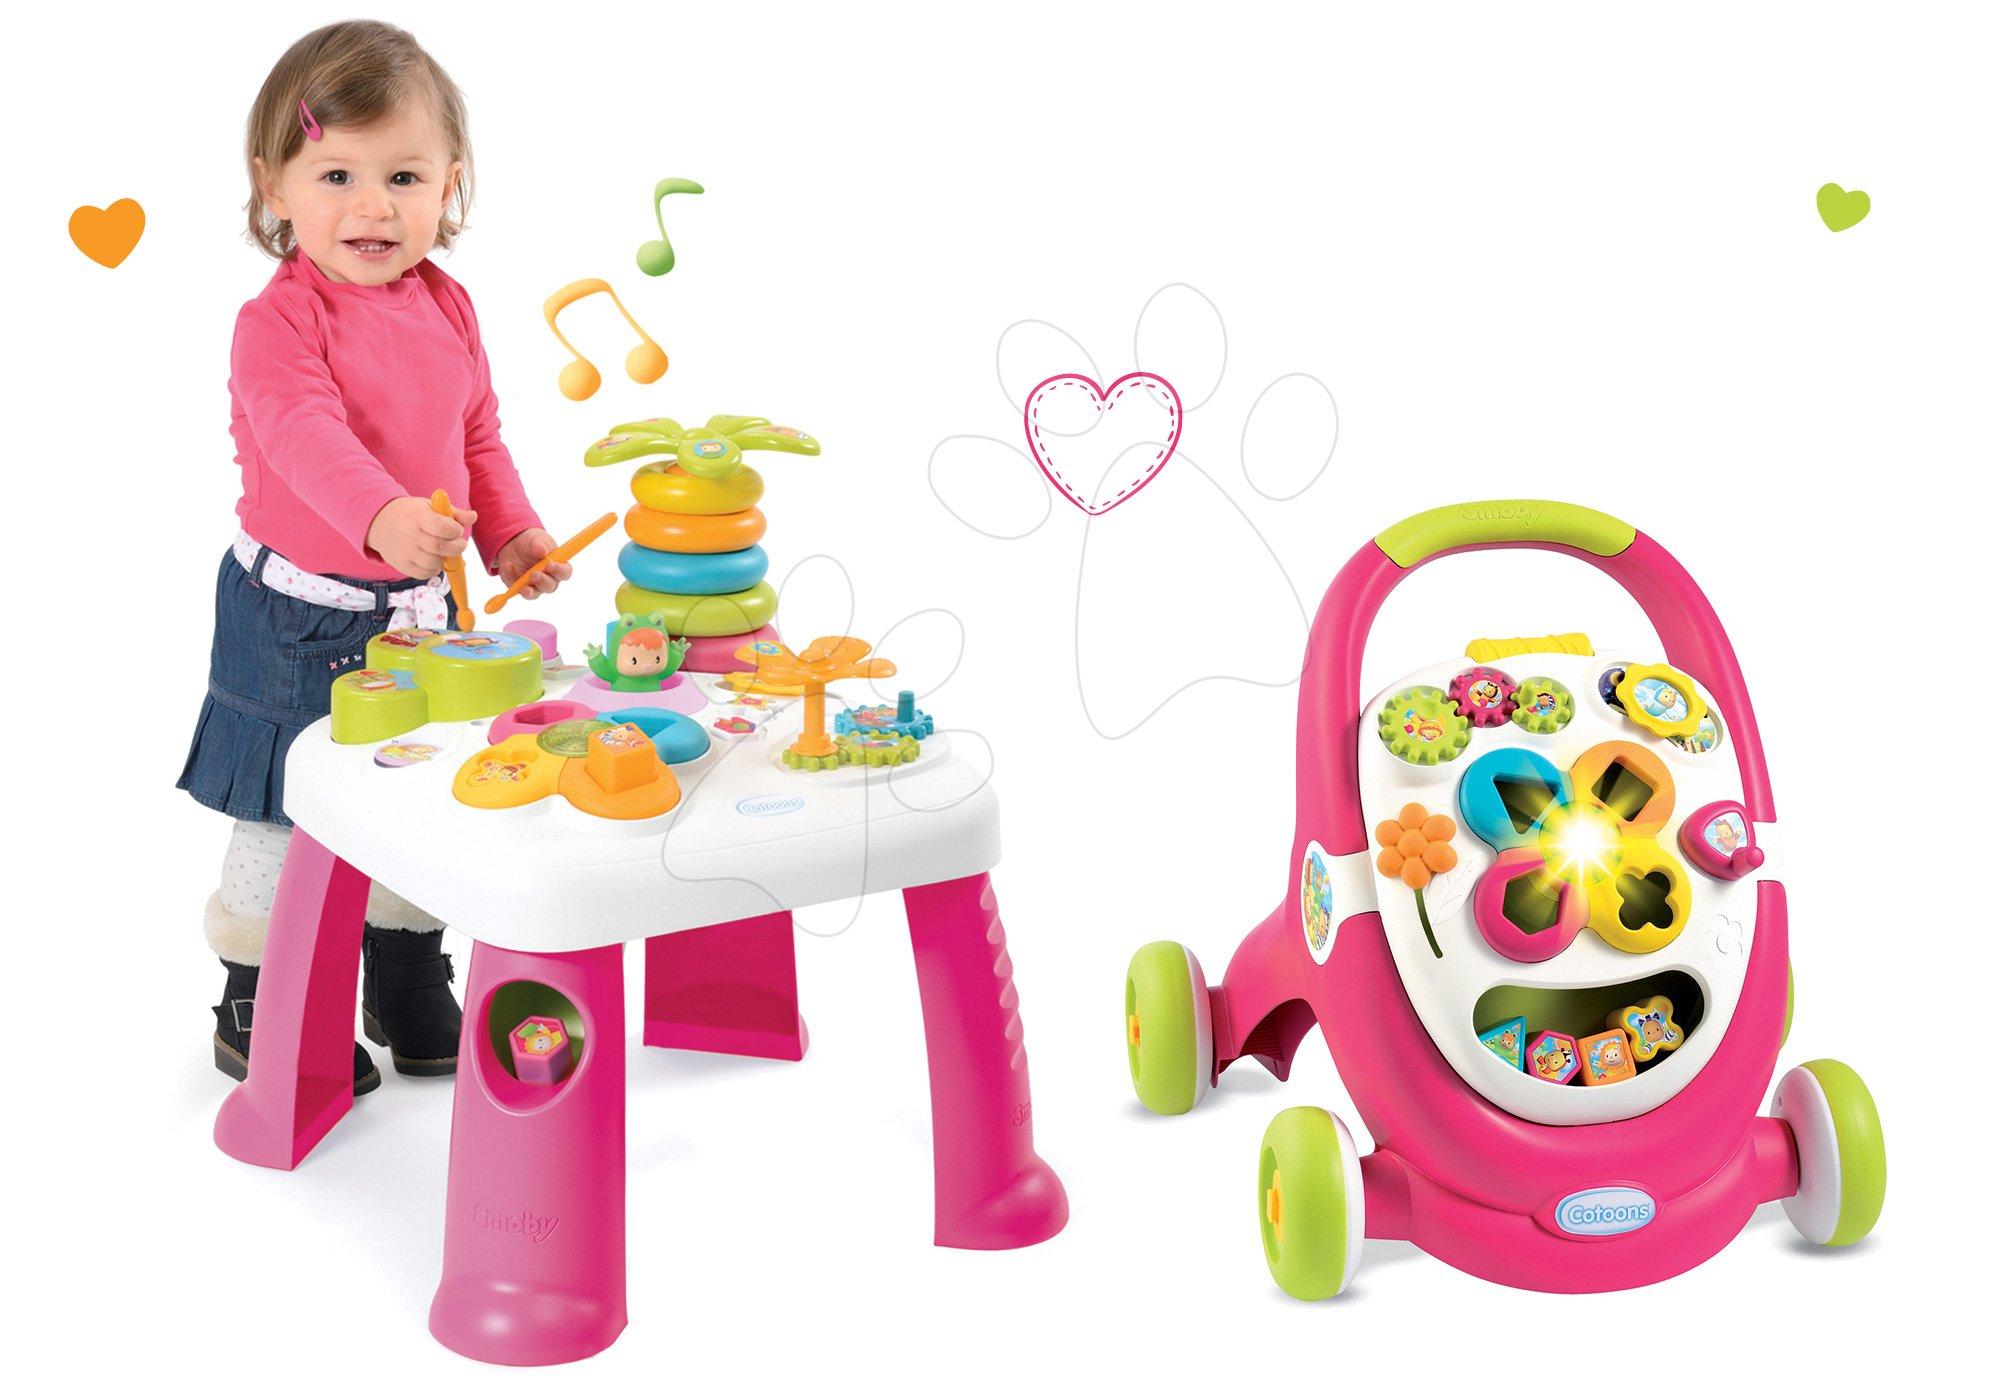 Didaktický stolík Cotoons Smoby s funkciami ružový+chodítko s kockami, svetlom a melódiou ružové 211067-6